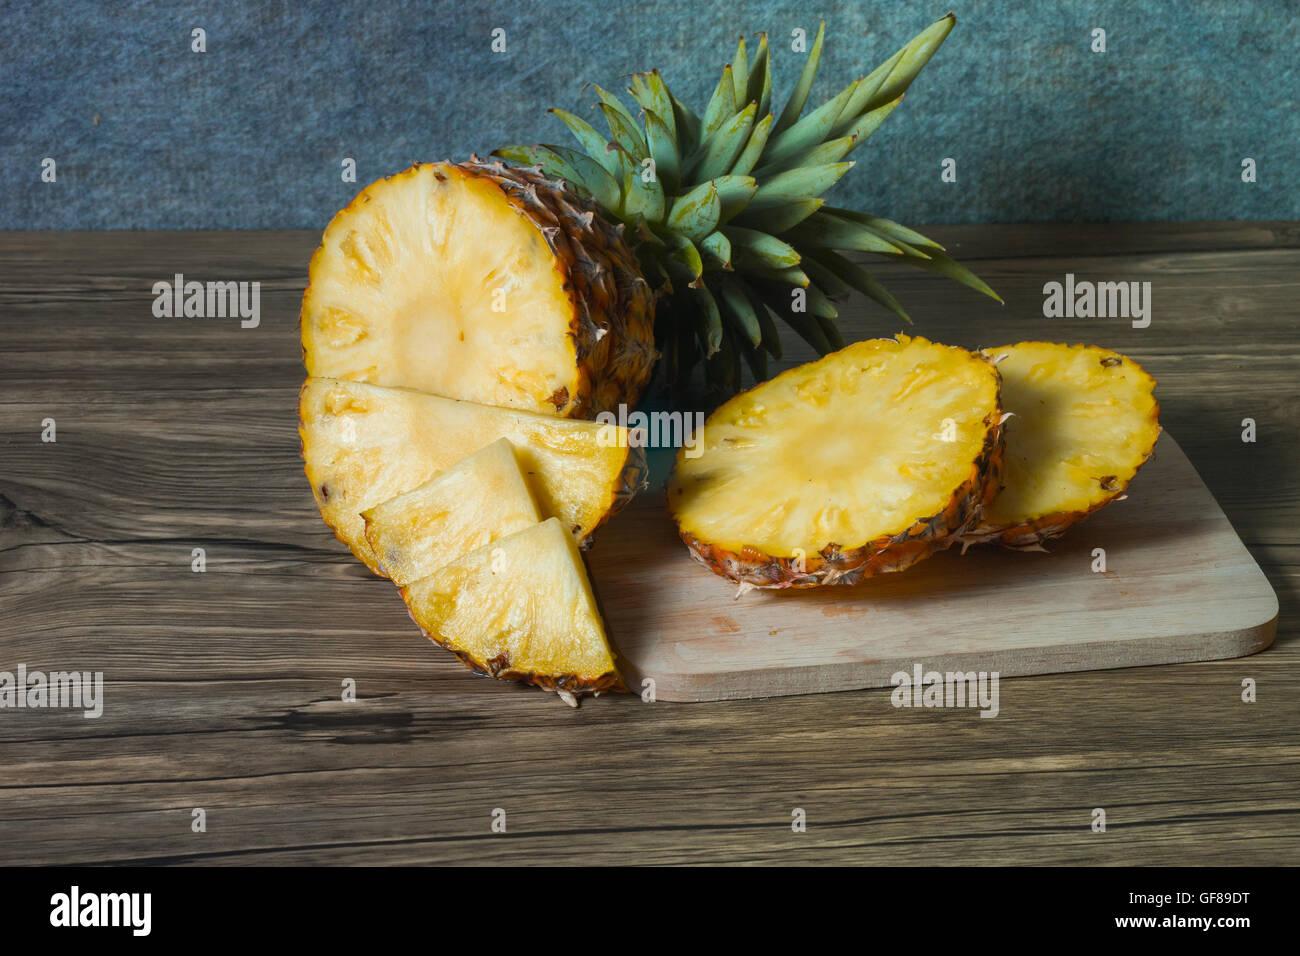 L'ananas sur le fond texture bois Photo Stock